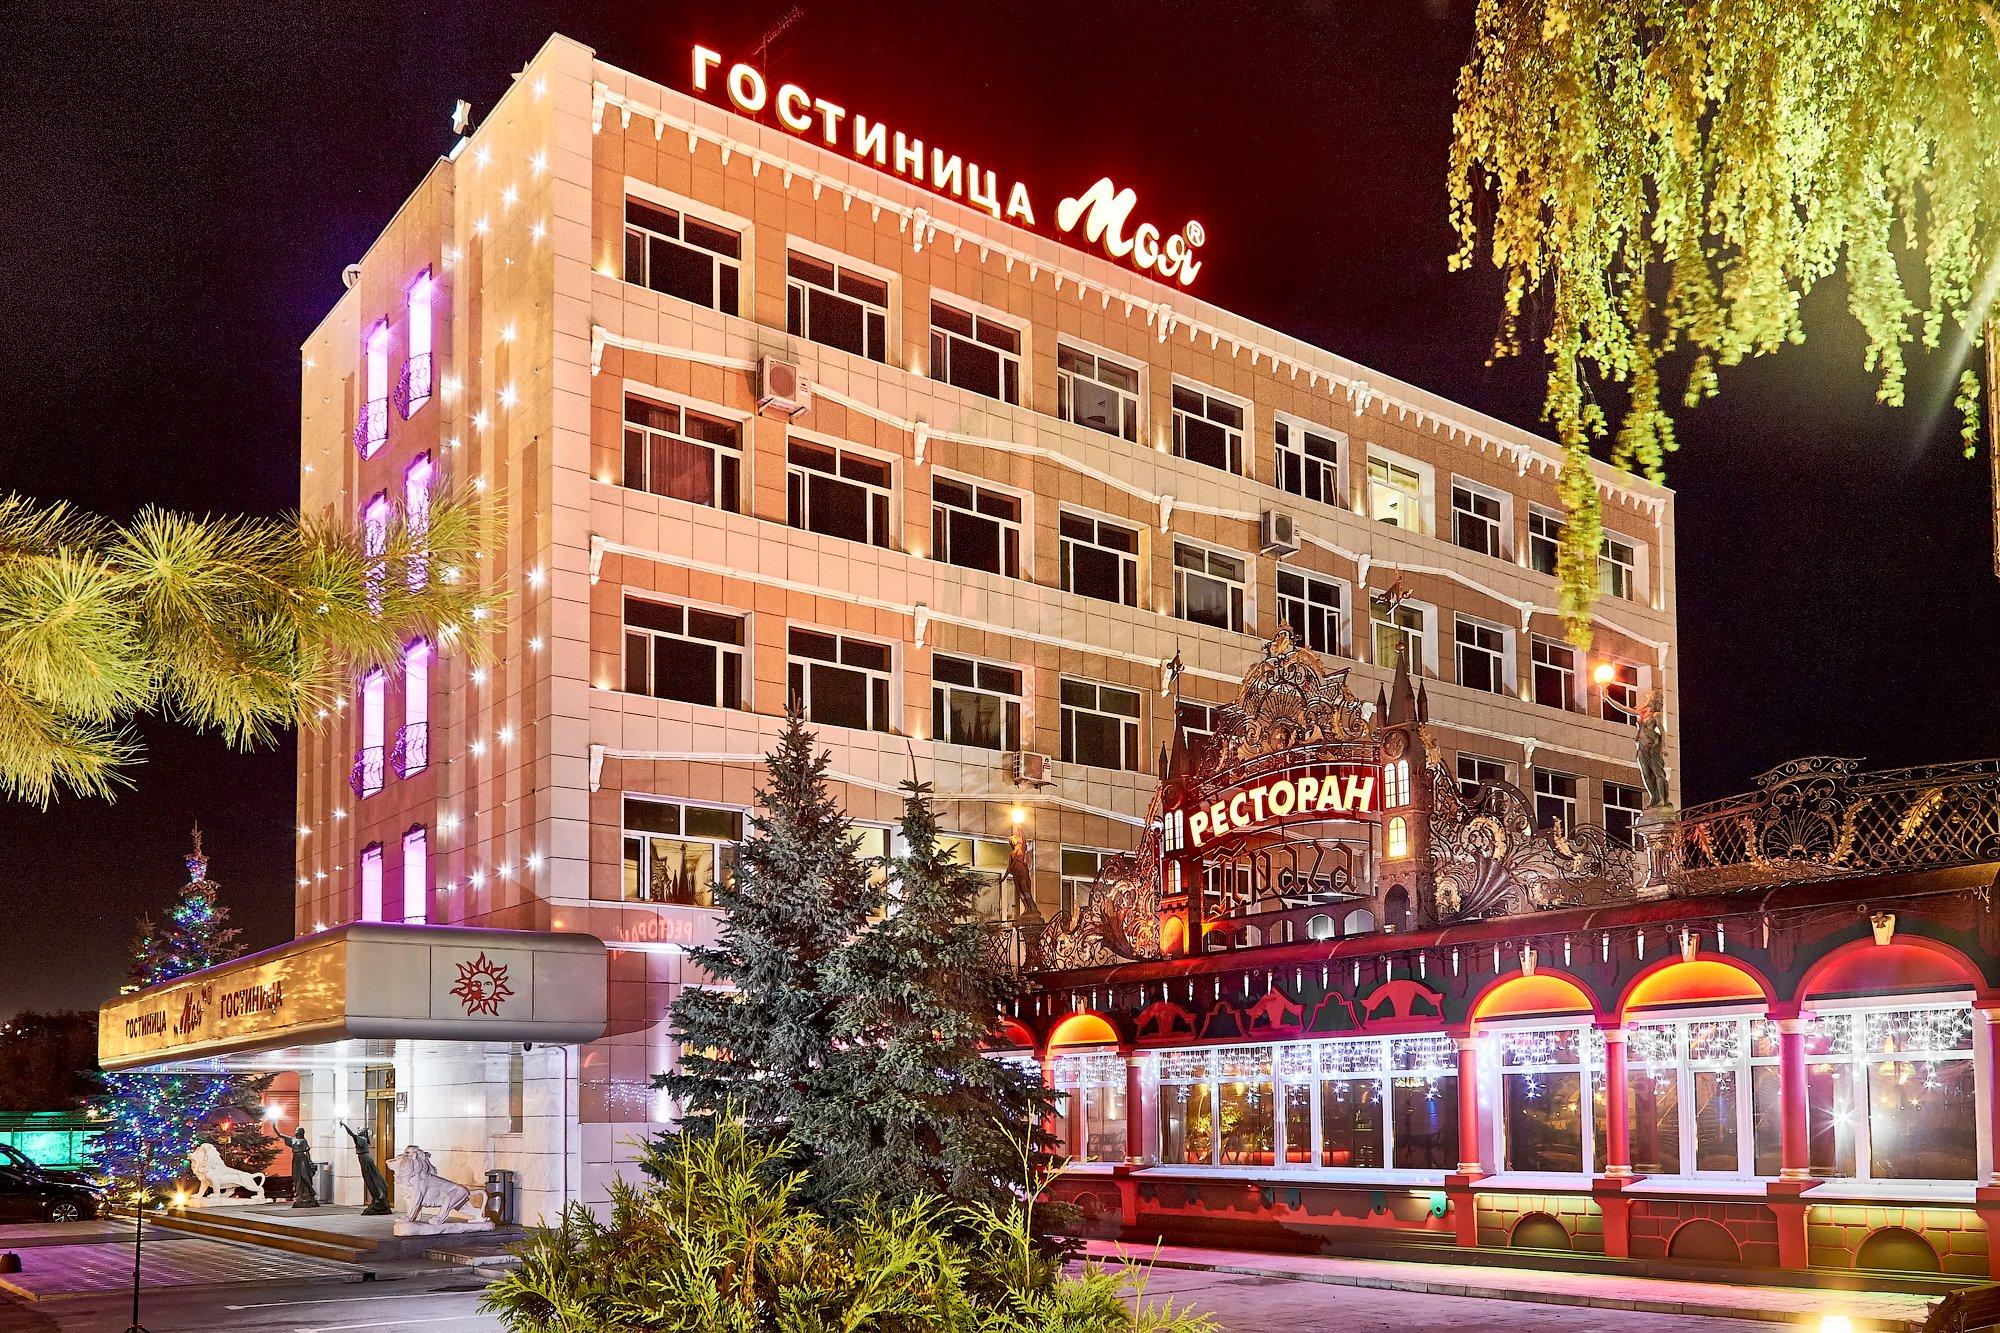 Гостиница Моя